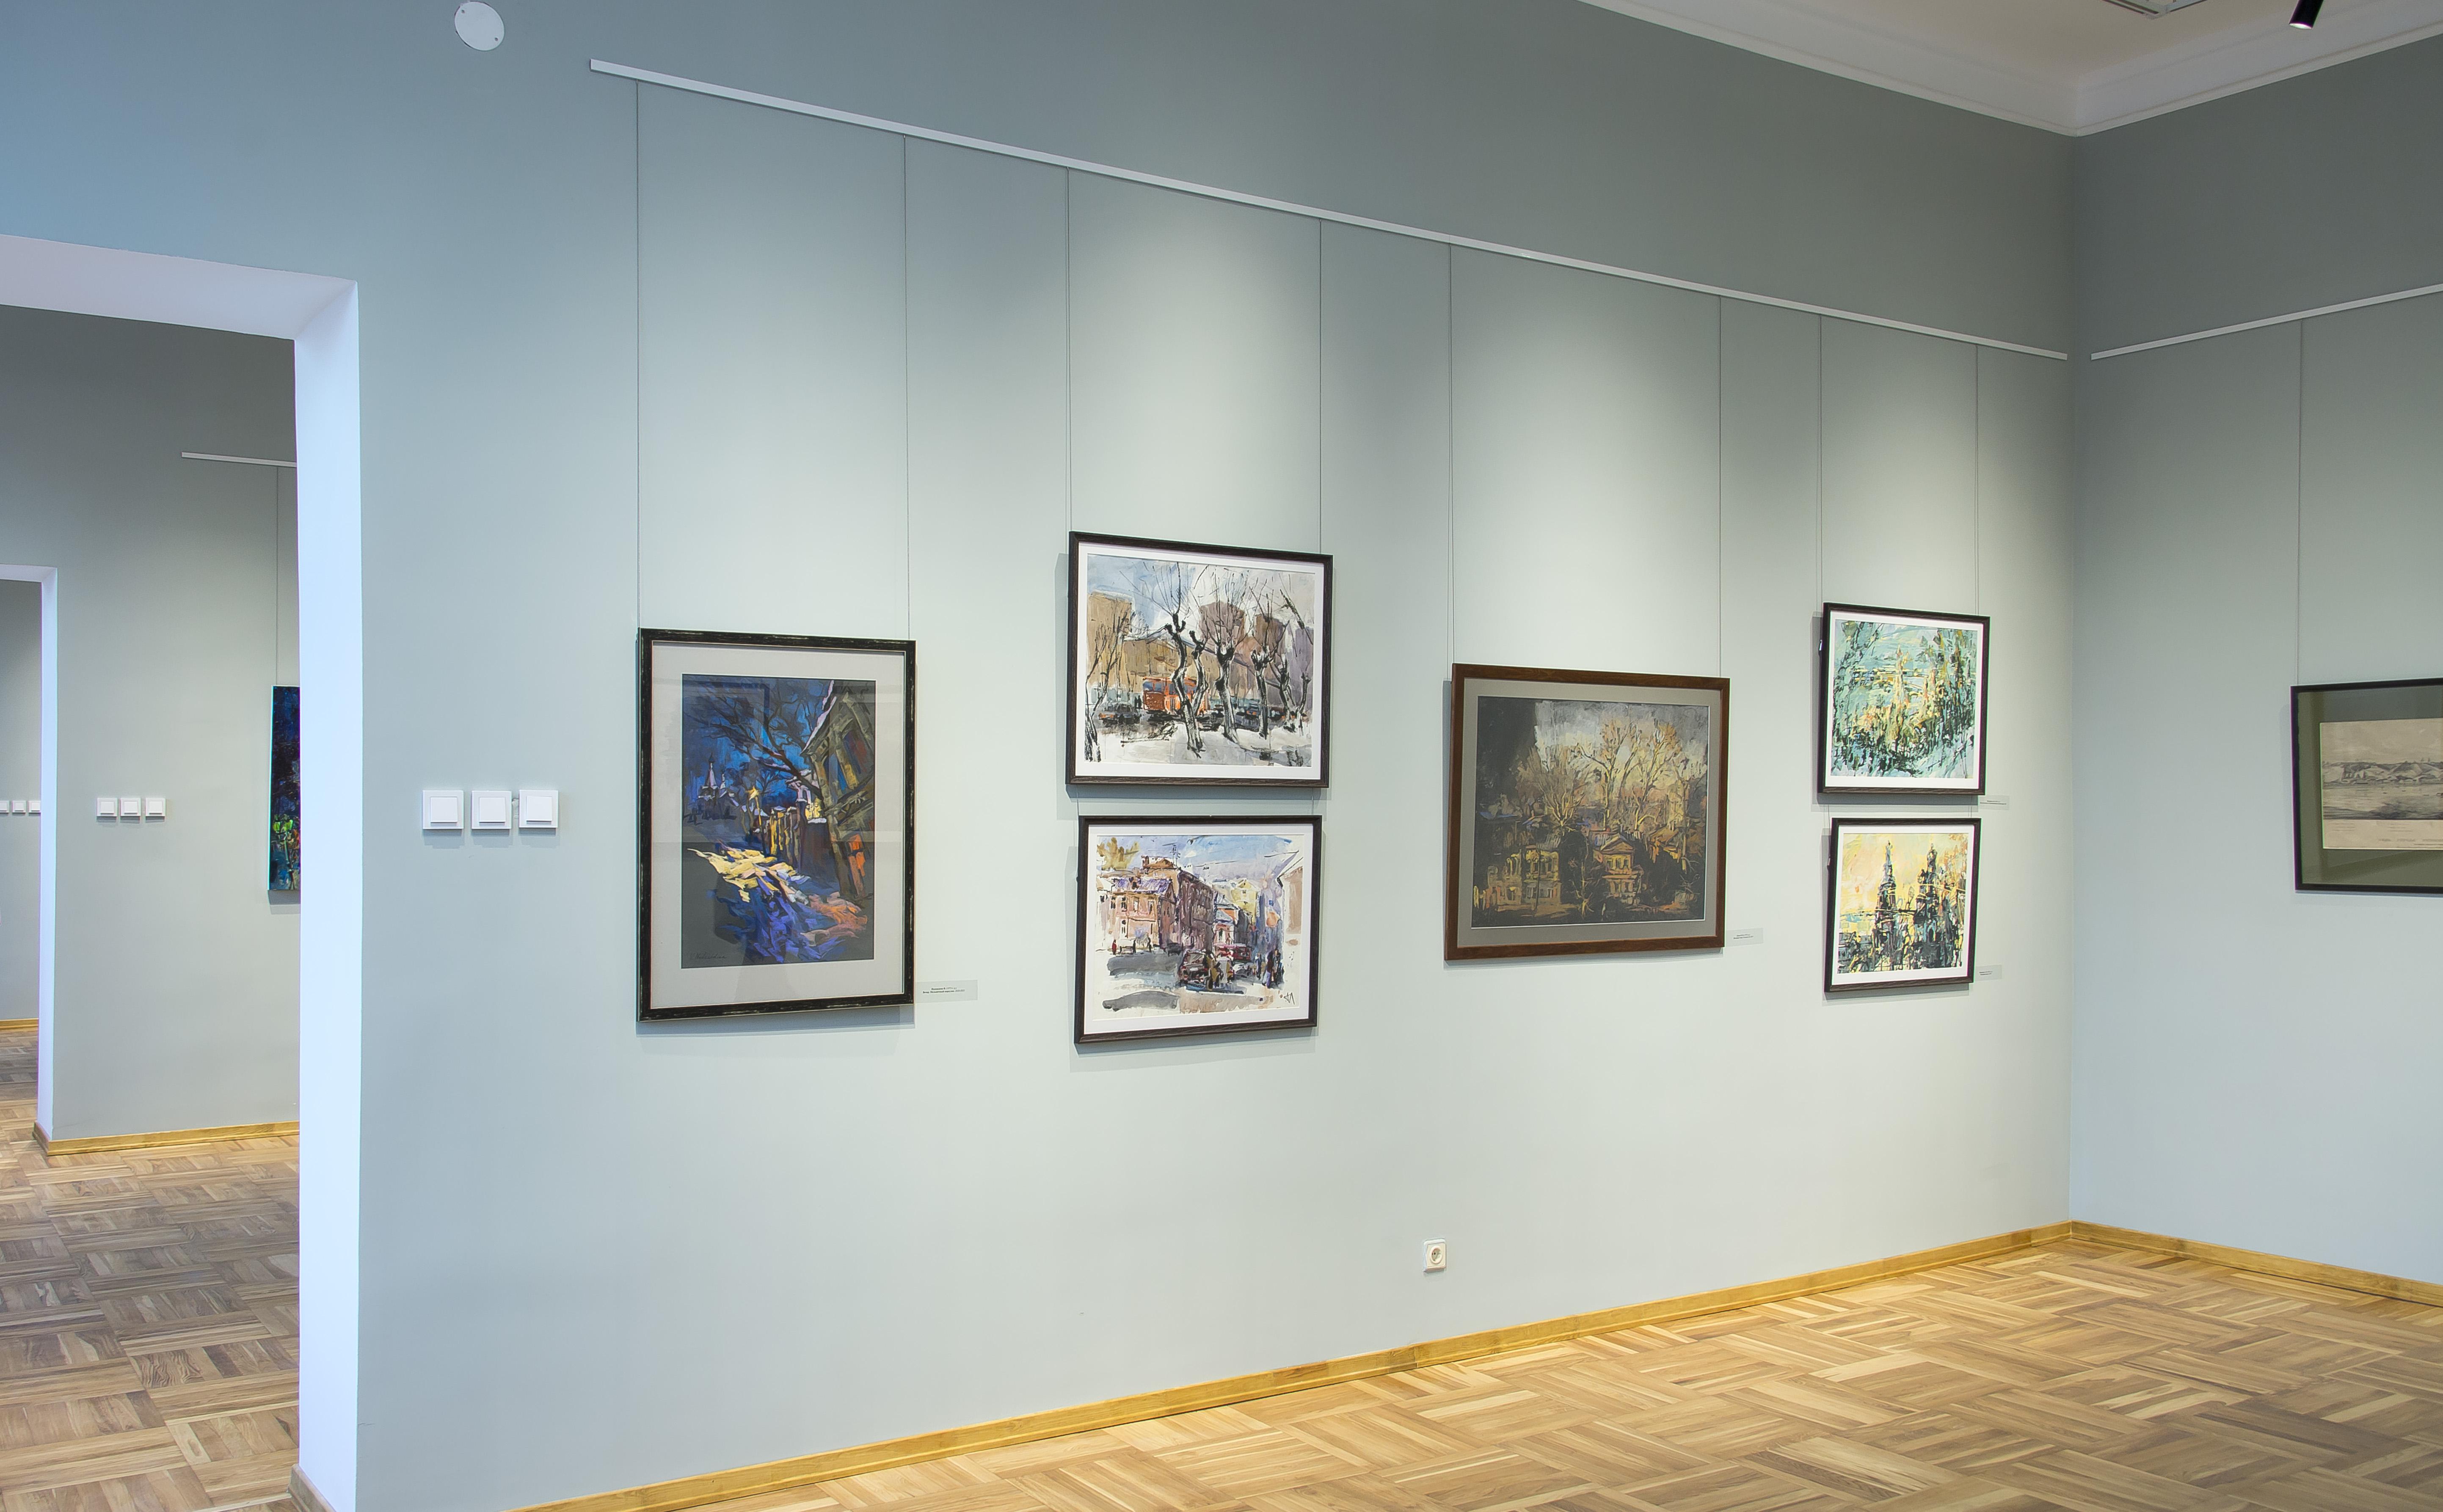 Выставка картин нижегородских художников работает в Нижнем Новгороде